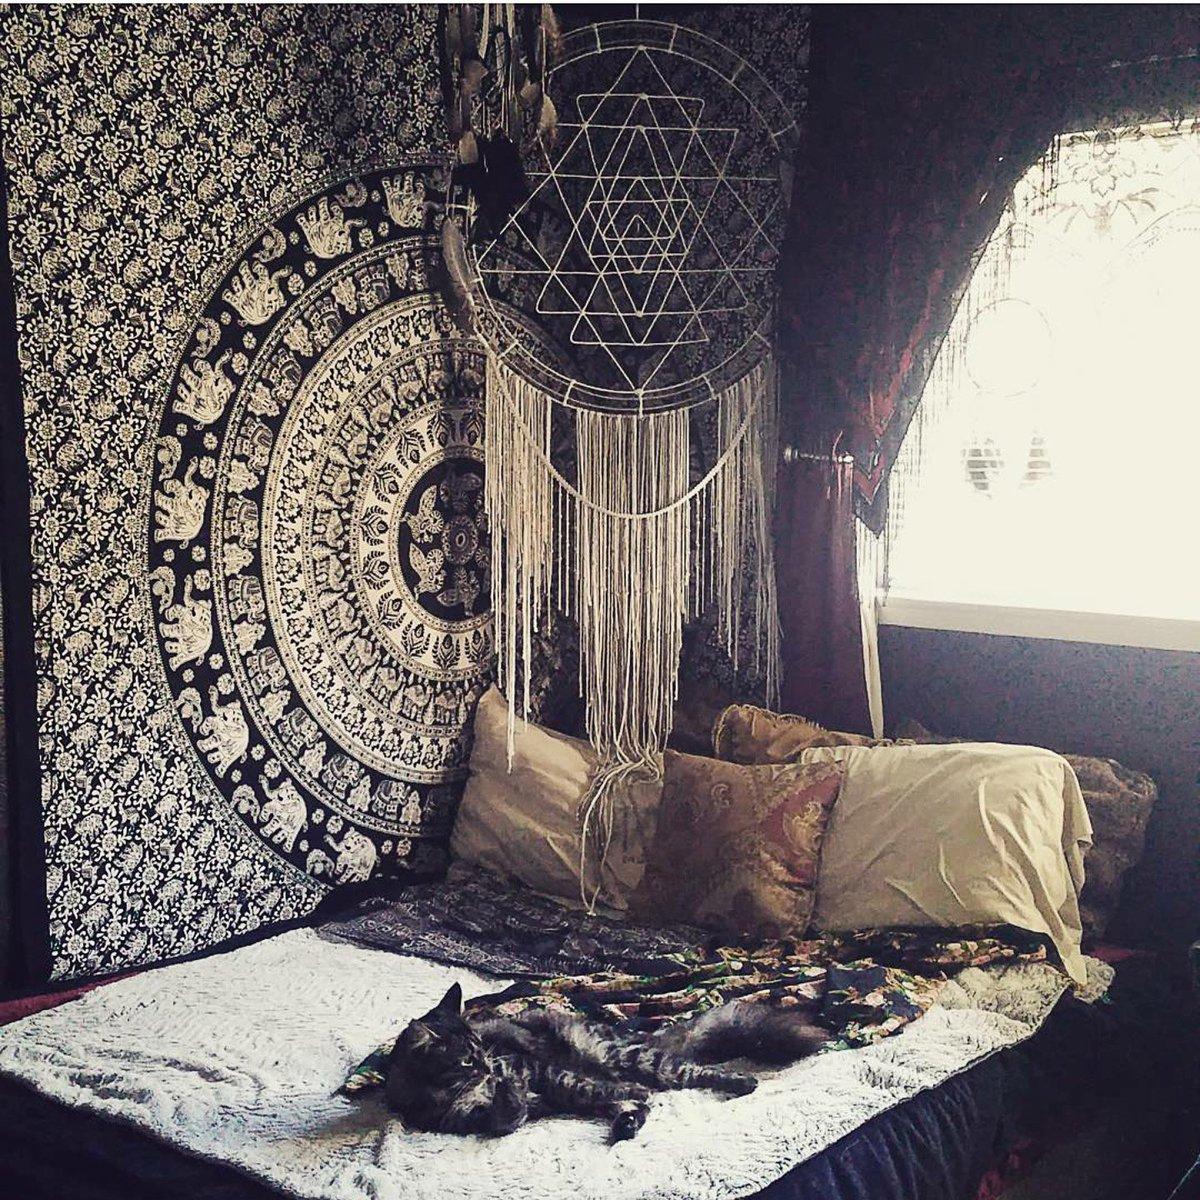 Mandala Tapestry Bedroom Aesthetic